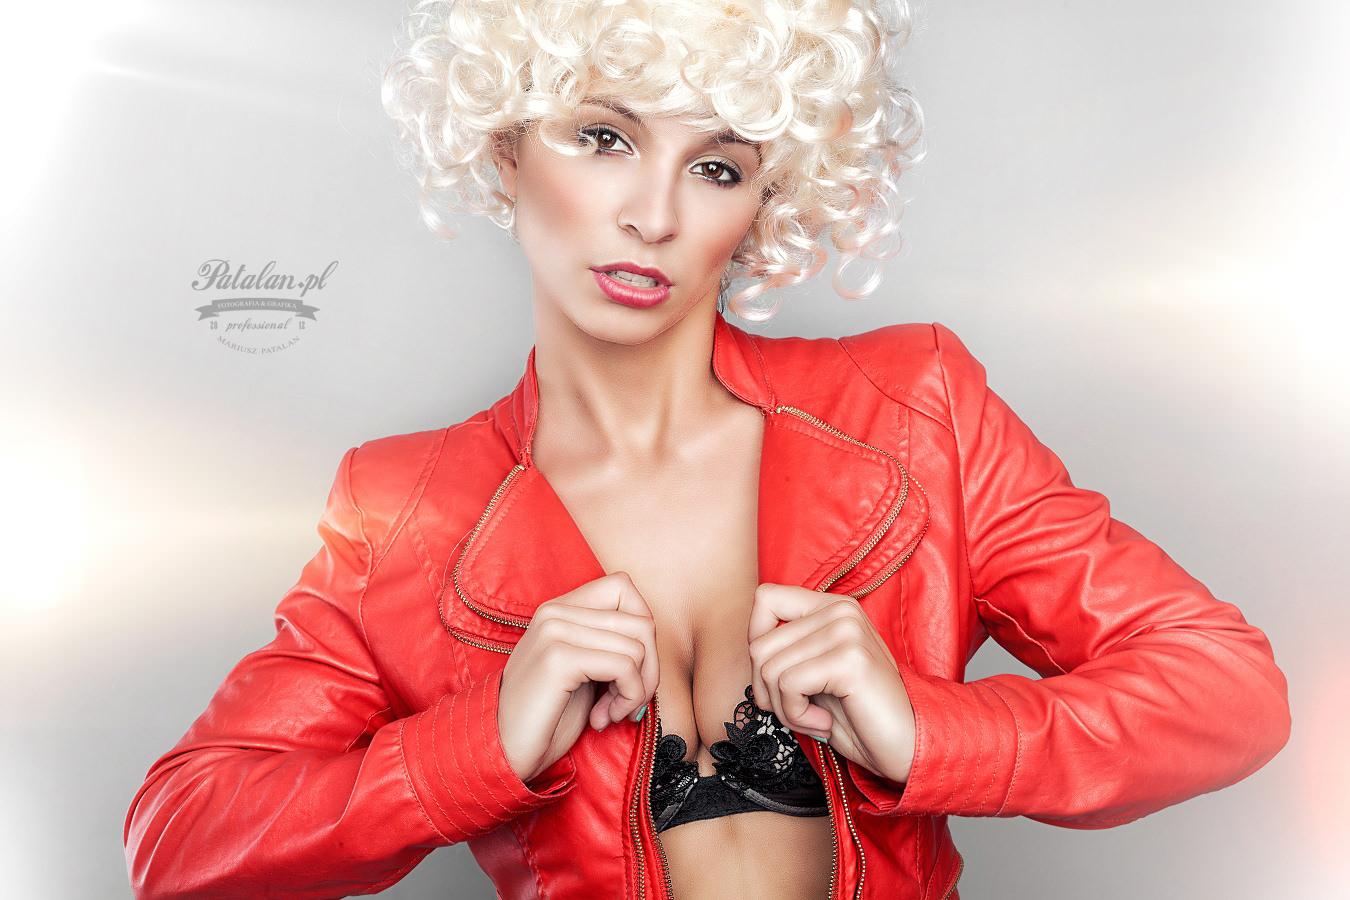 makijaż na sesję, retusz zdjęć skóra, modelka łomża, seksowna modelka, zmysłowe zdjęcia, senualna sesja   zdjęciowa, piękny portret, bielizna modelka z pięknymi piersiami, blond loki peruka